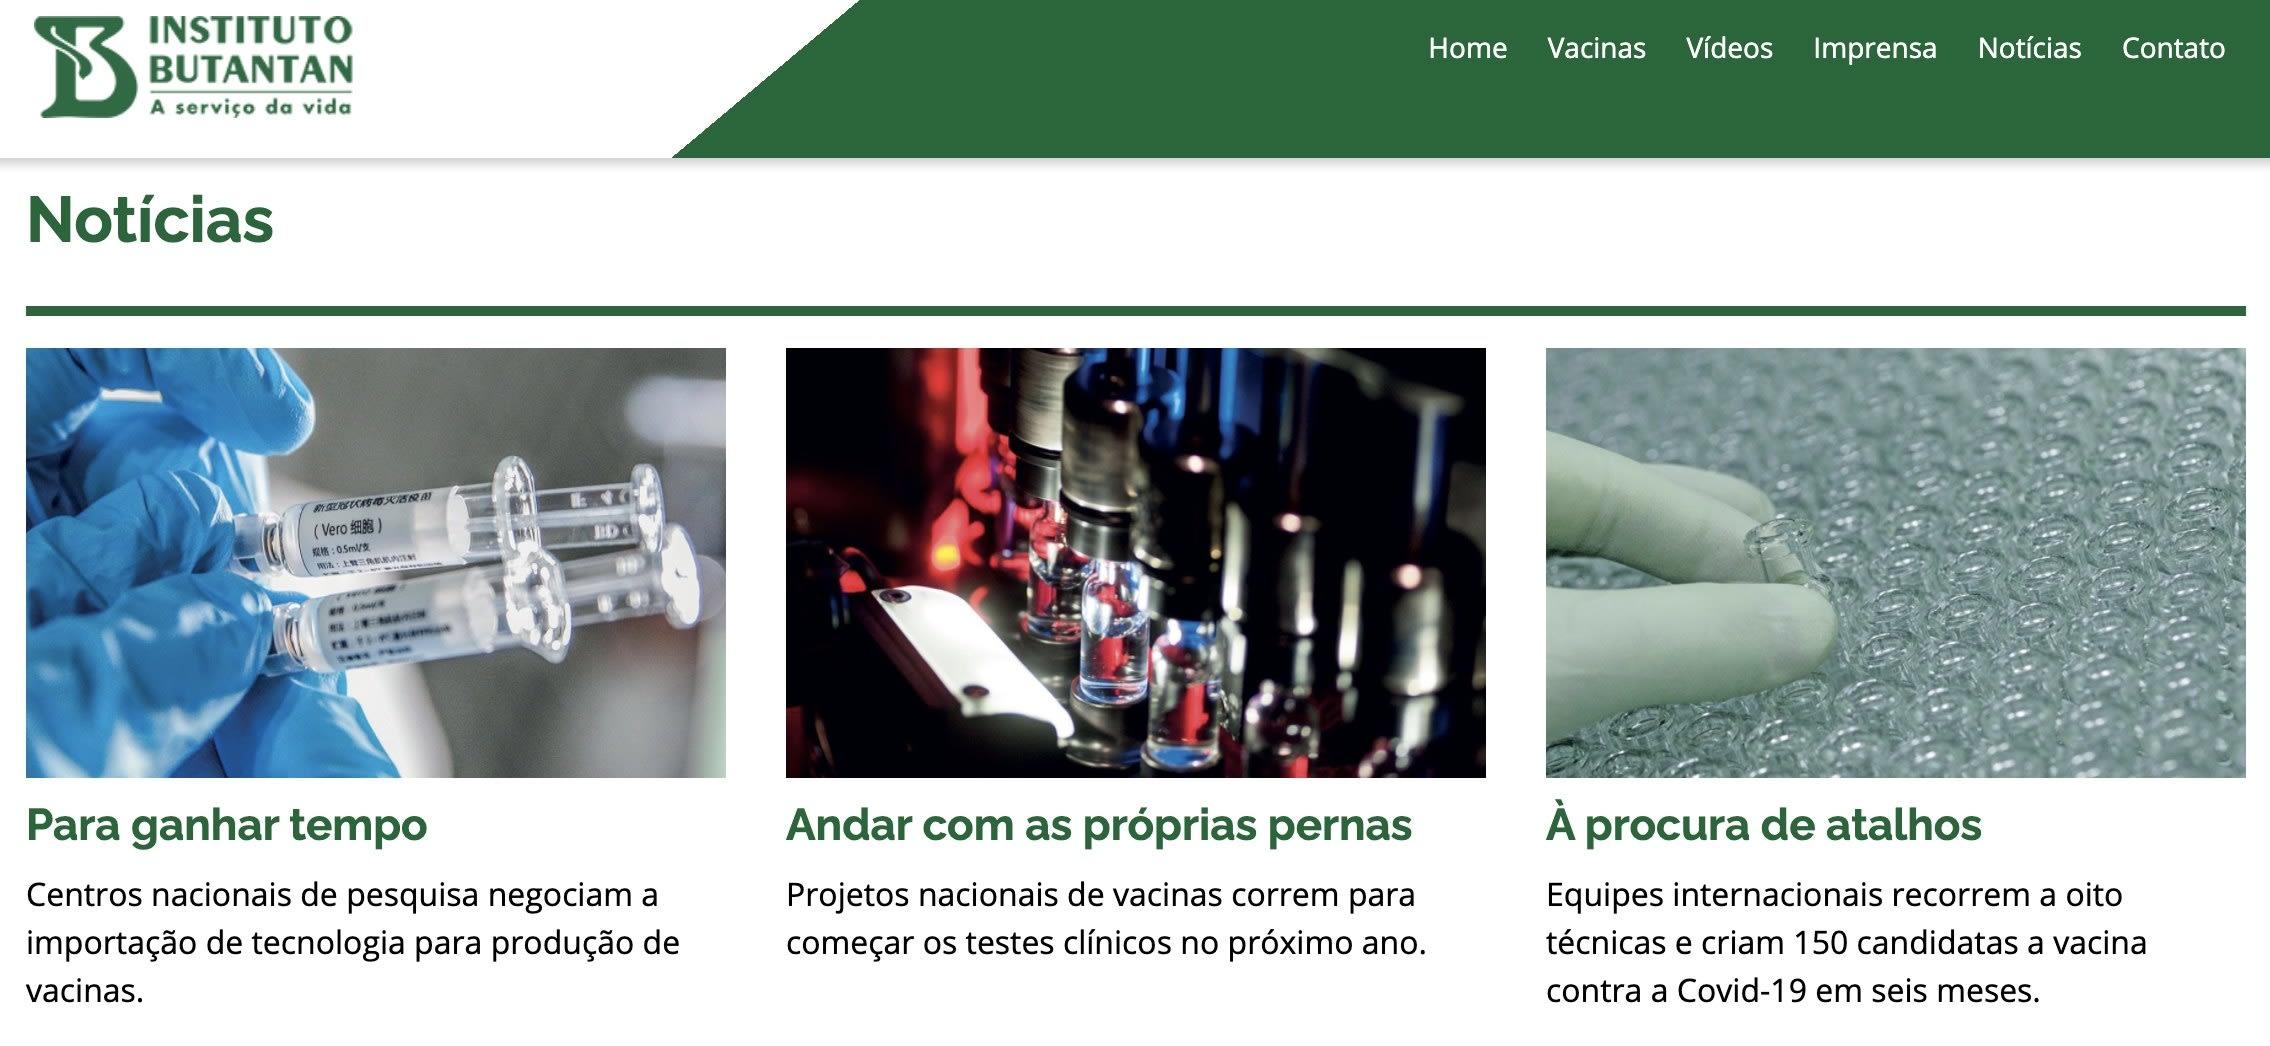 Imagem do site.